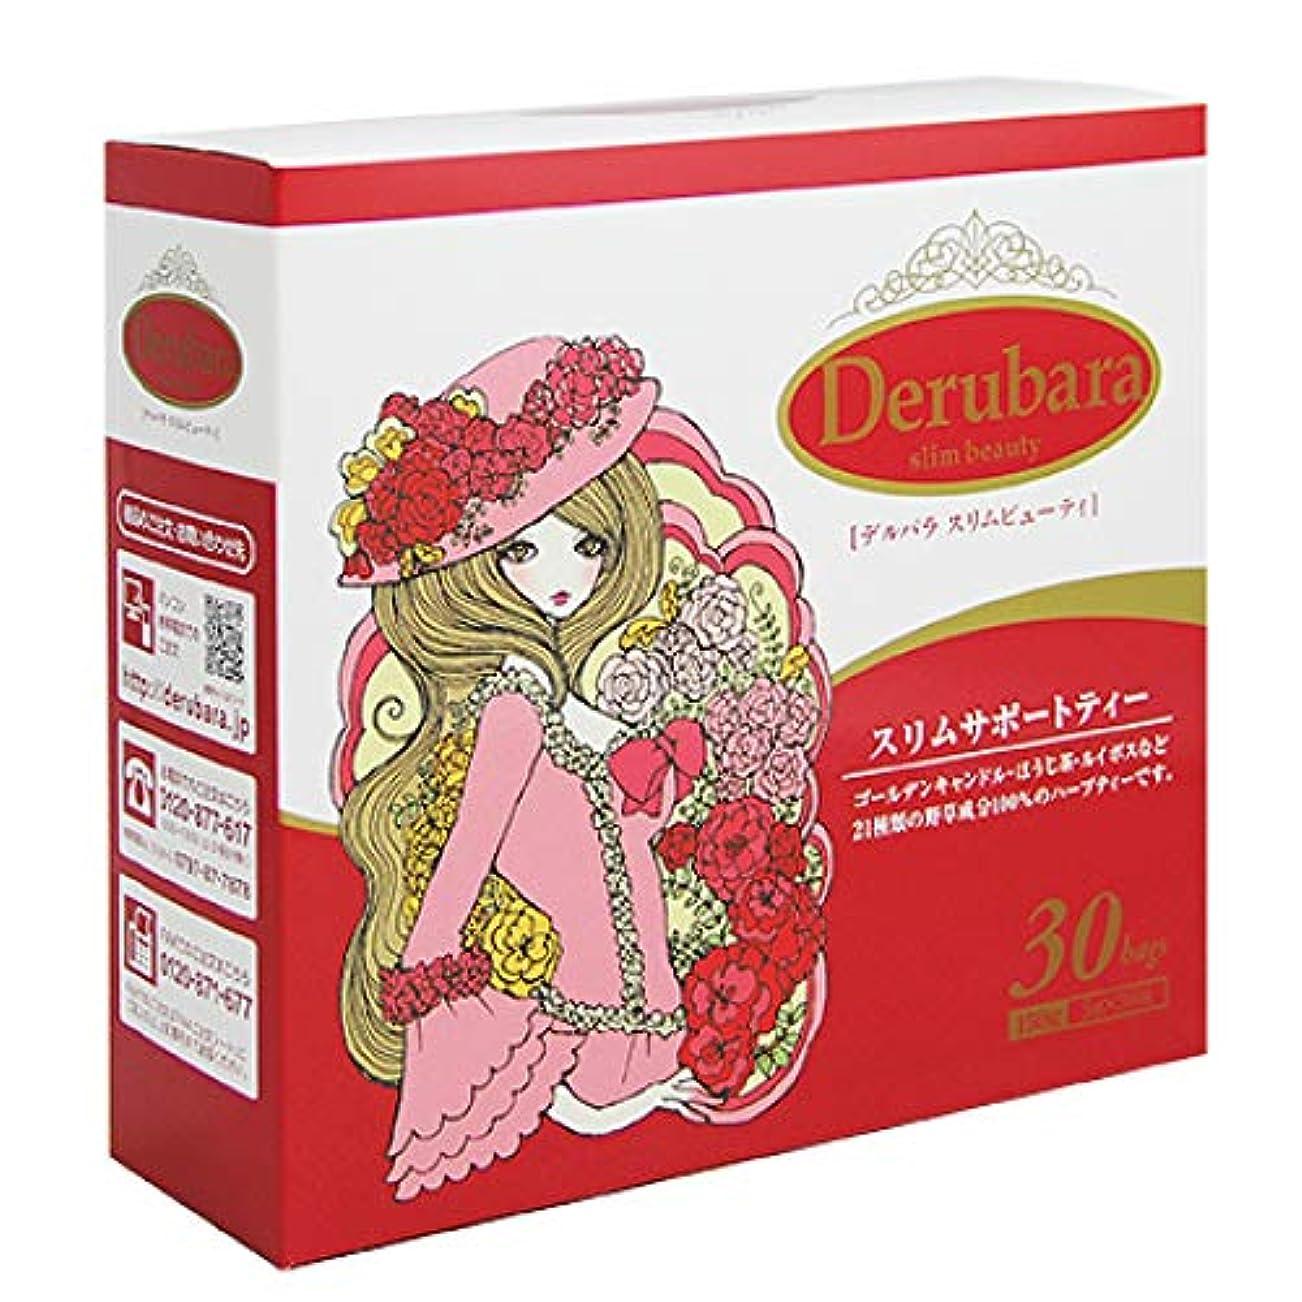 好き一瞬海外デルバラスリムビューティ お徳3箱セット (1包5g×30包入)×3箱 朝スッキリ! キャンドルブッシュ お茶